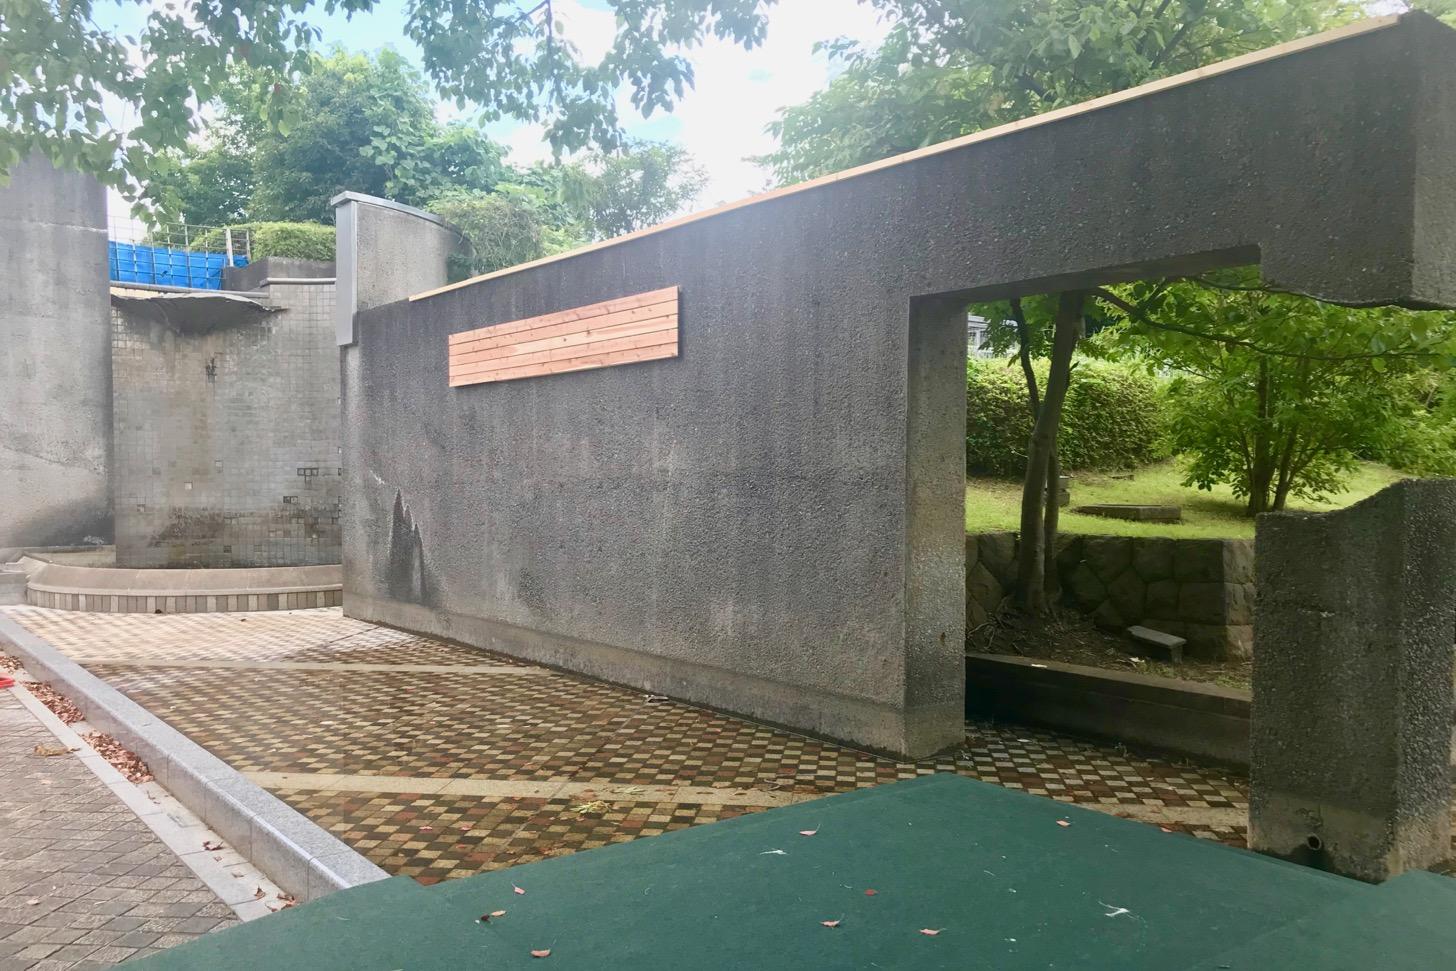 カフェトレーノ・ノッテの前の池で行われている「ちゃぷちゃぷ池」